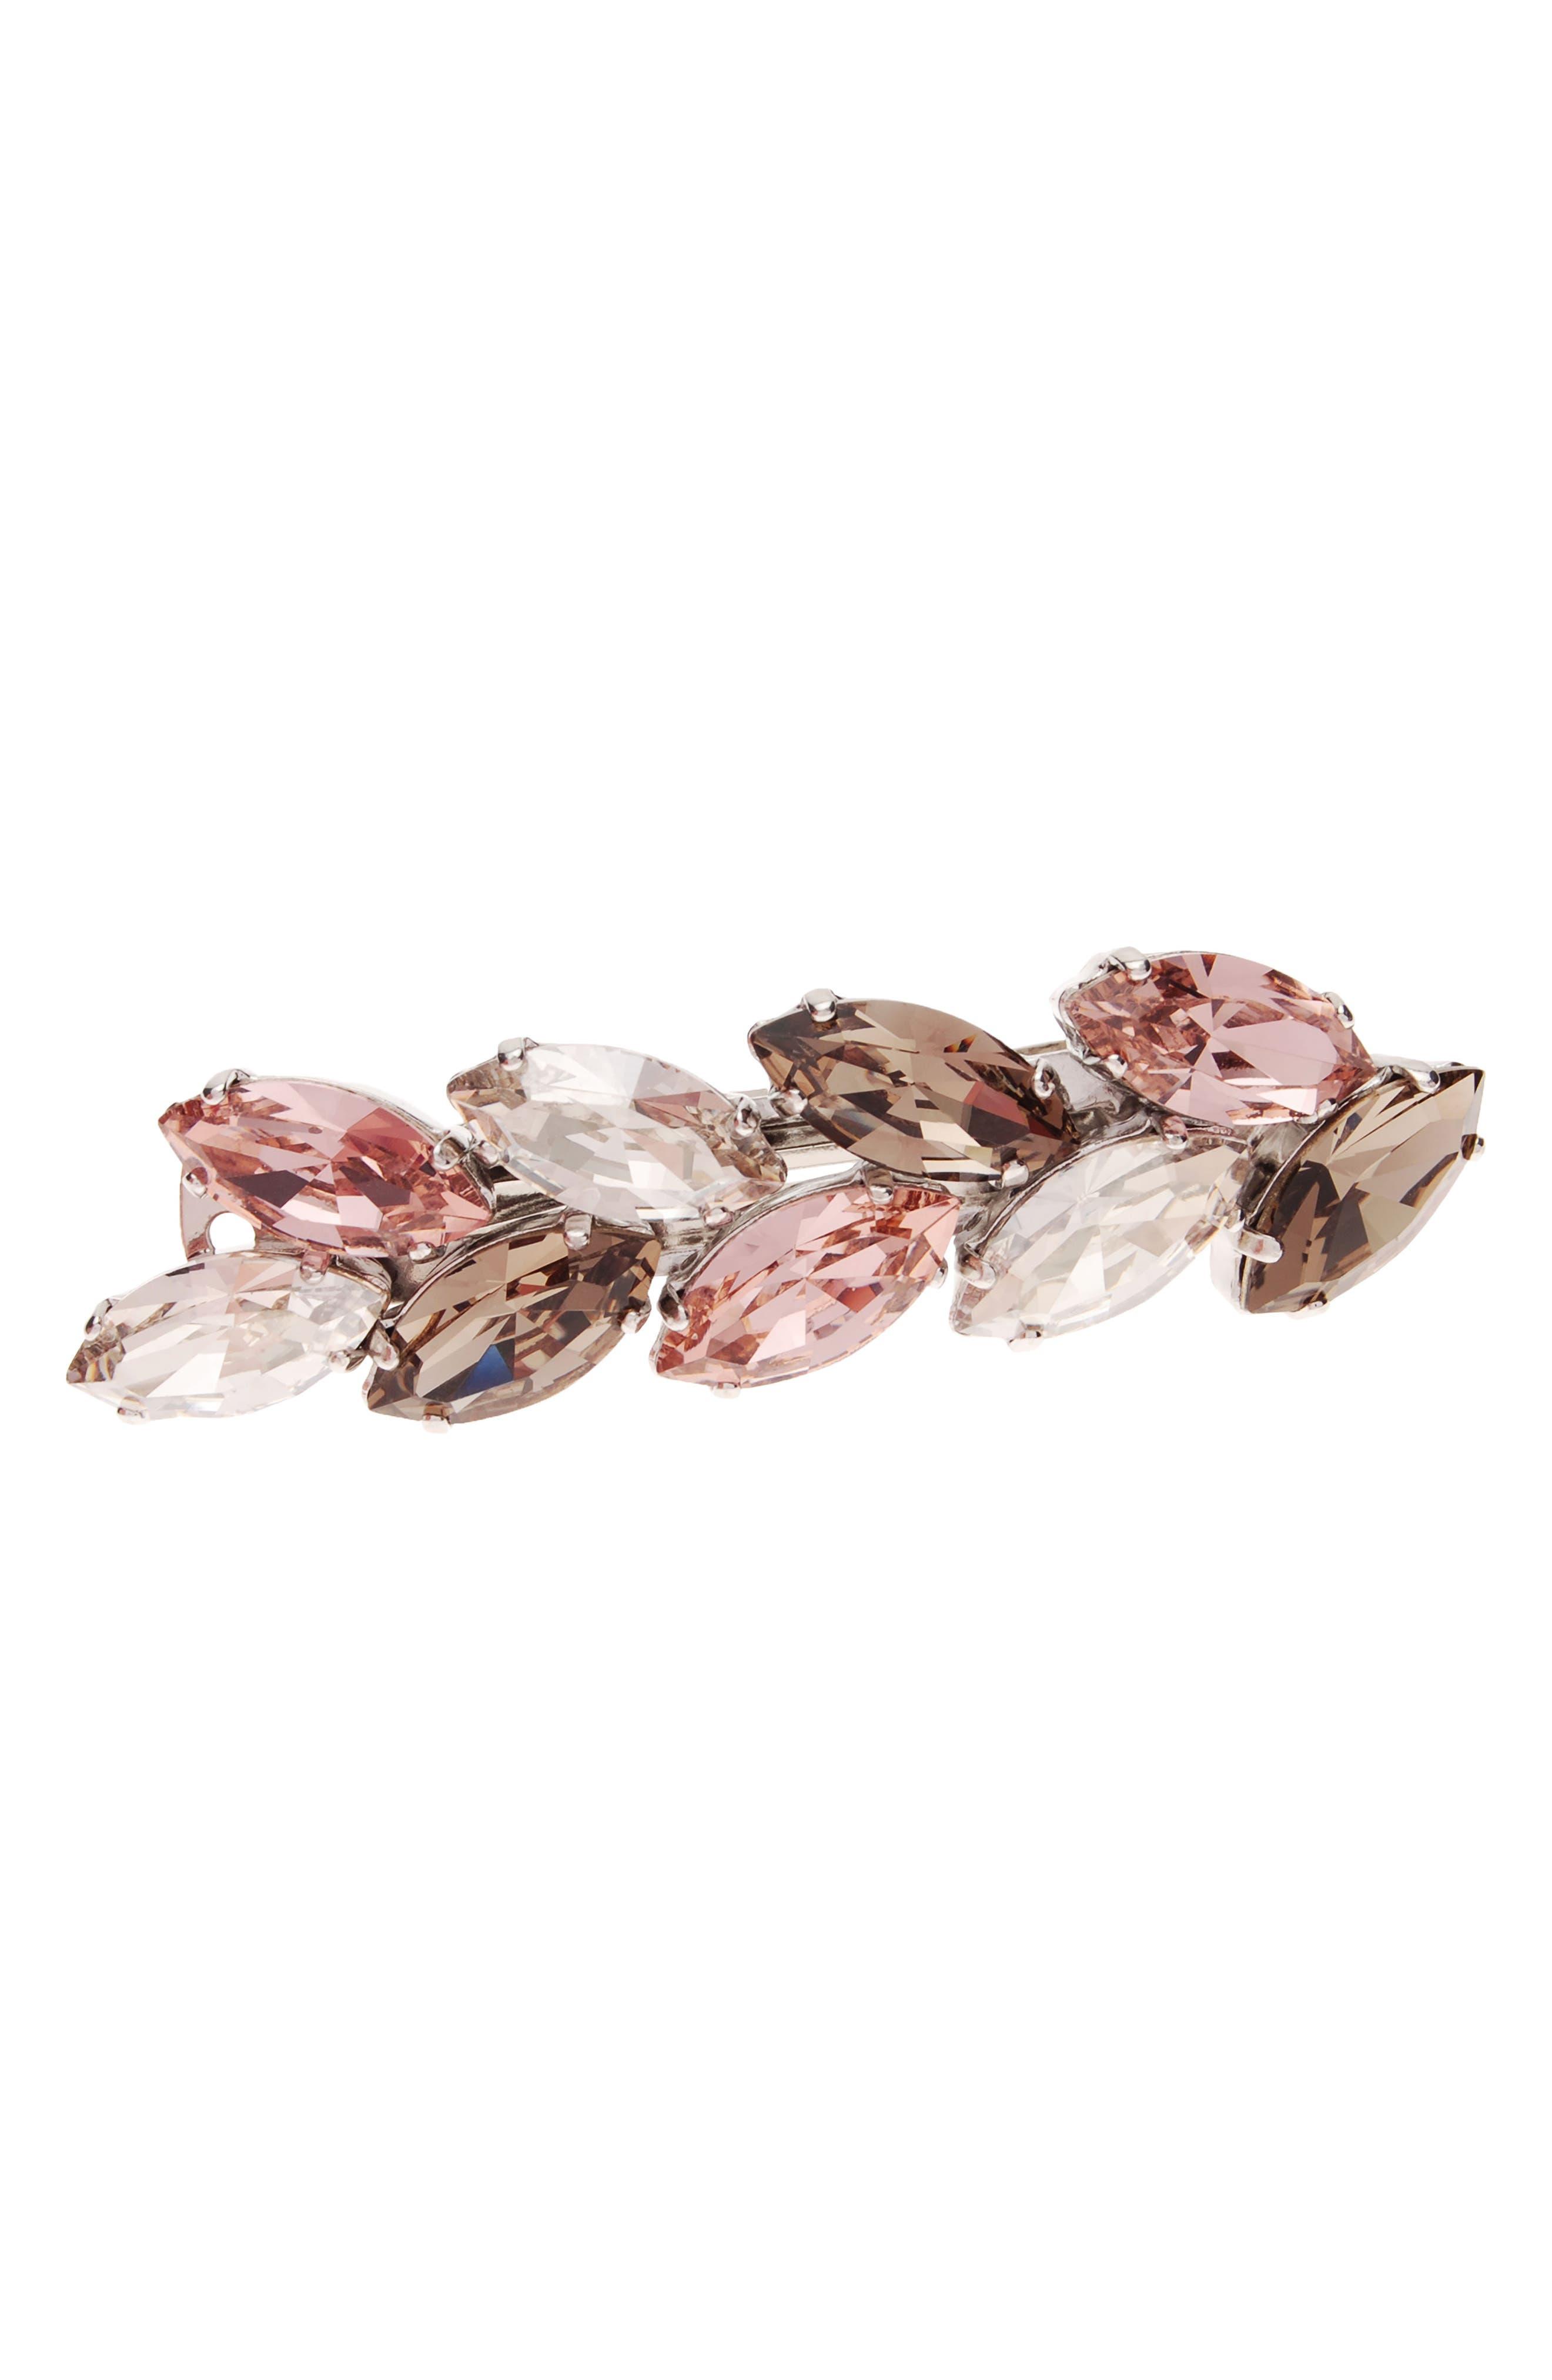 Small Ivy Swarovski Crystal Barrette,                         Main,                         color, VINTAGE ROSE/ BEIGE